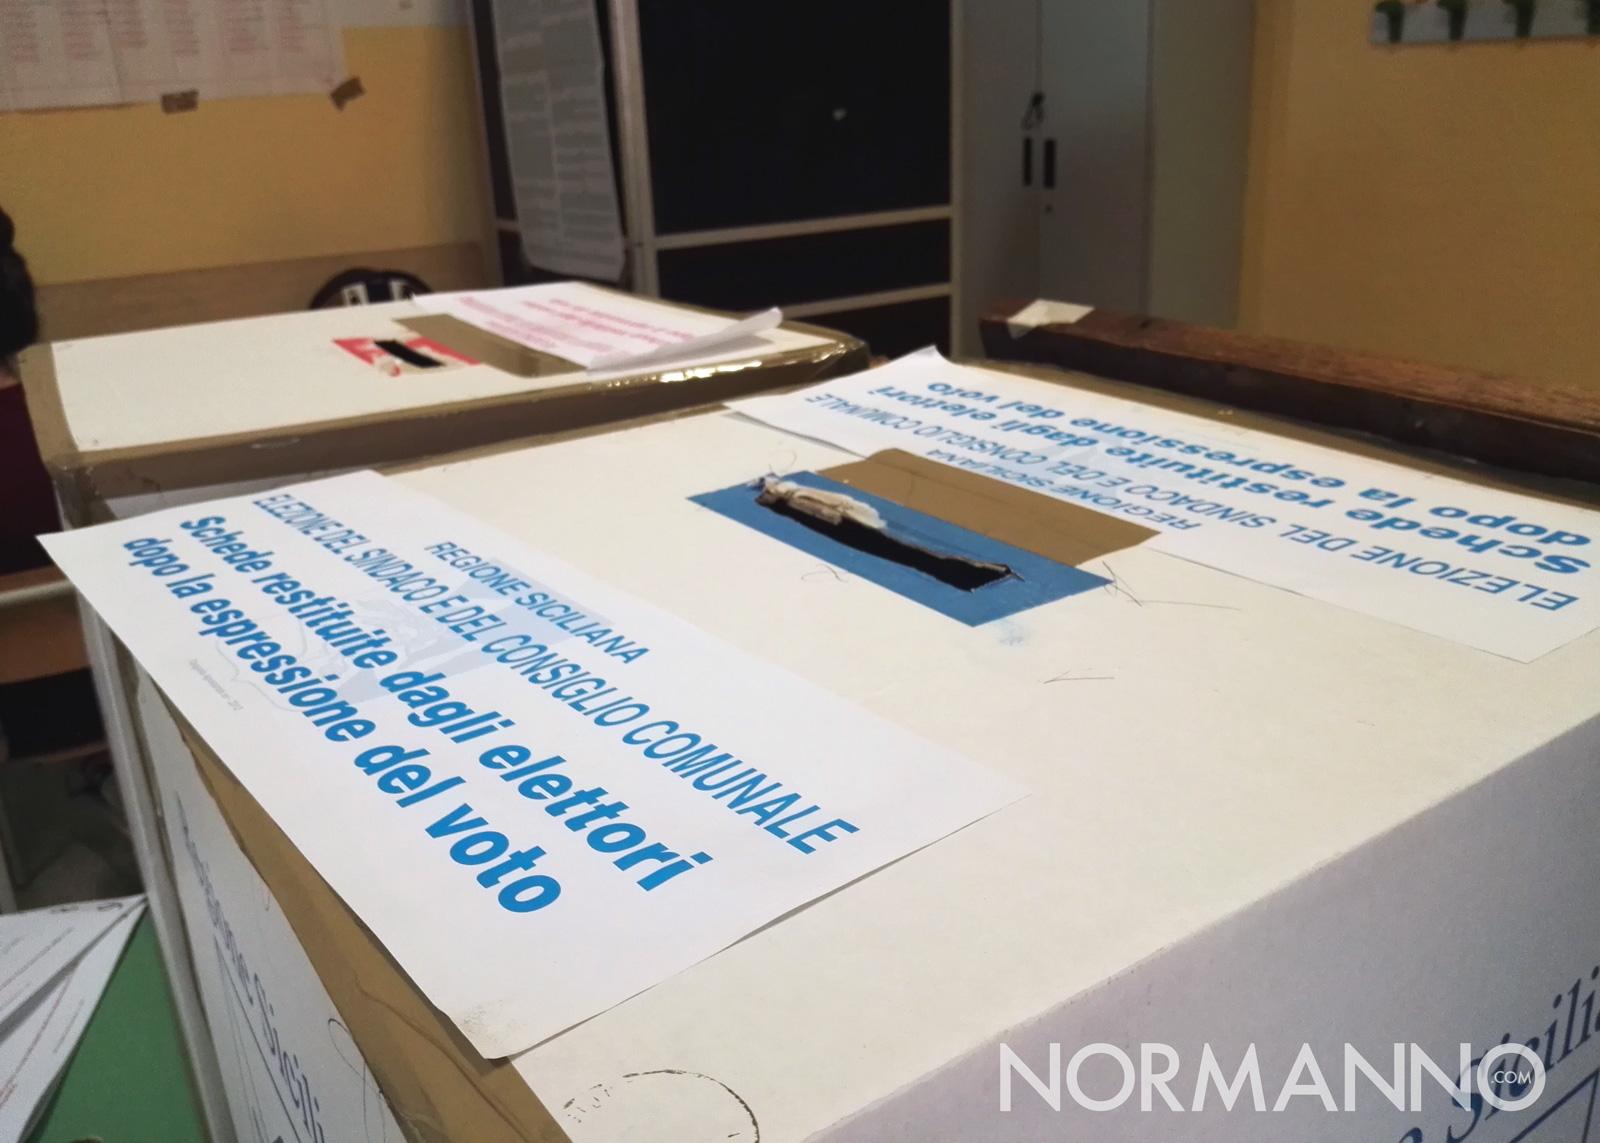 Foto urna elezioni amministrative messina 2018